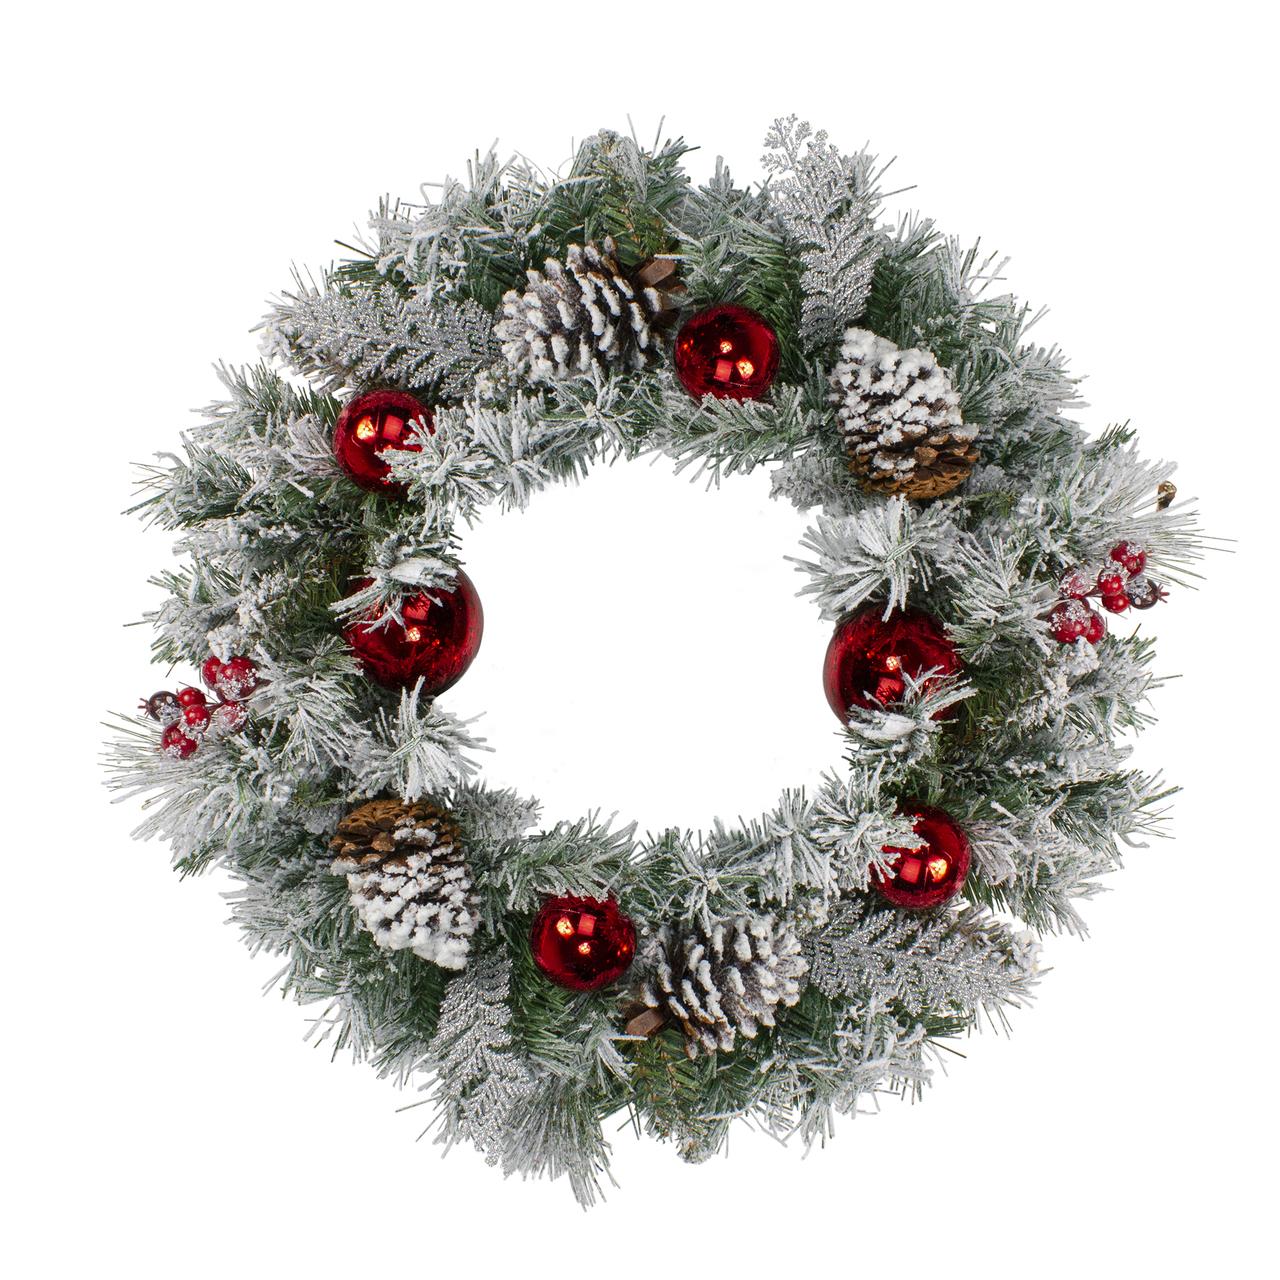 Διακοσμητικό στεφάνι Χριστουγέννων